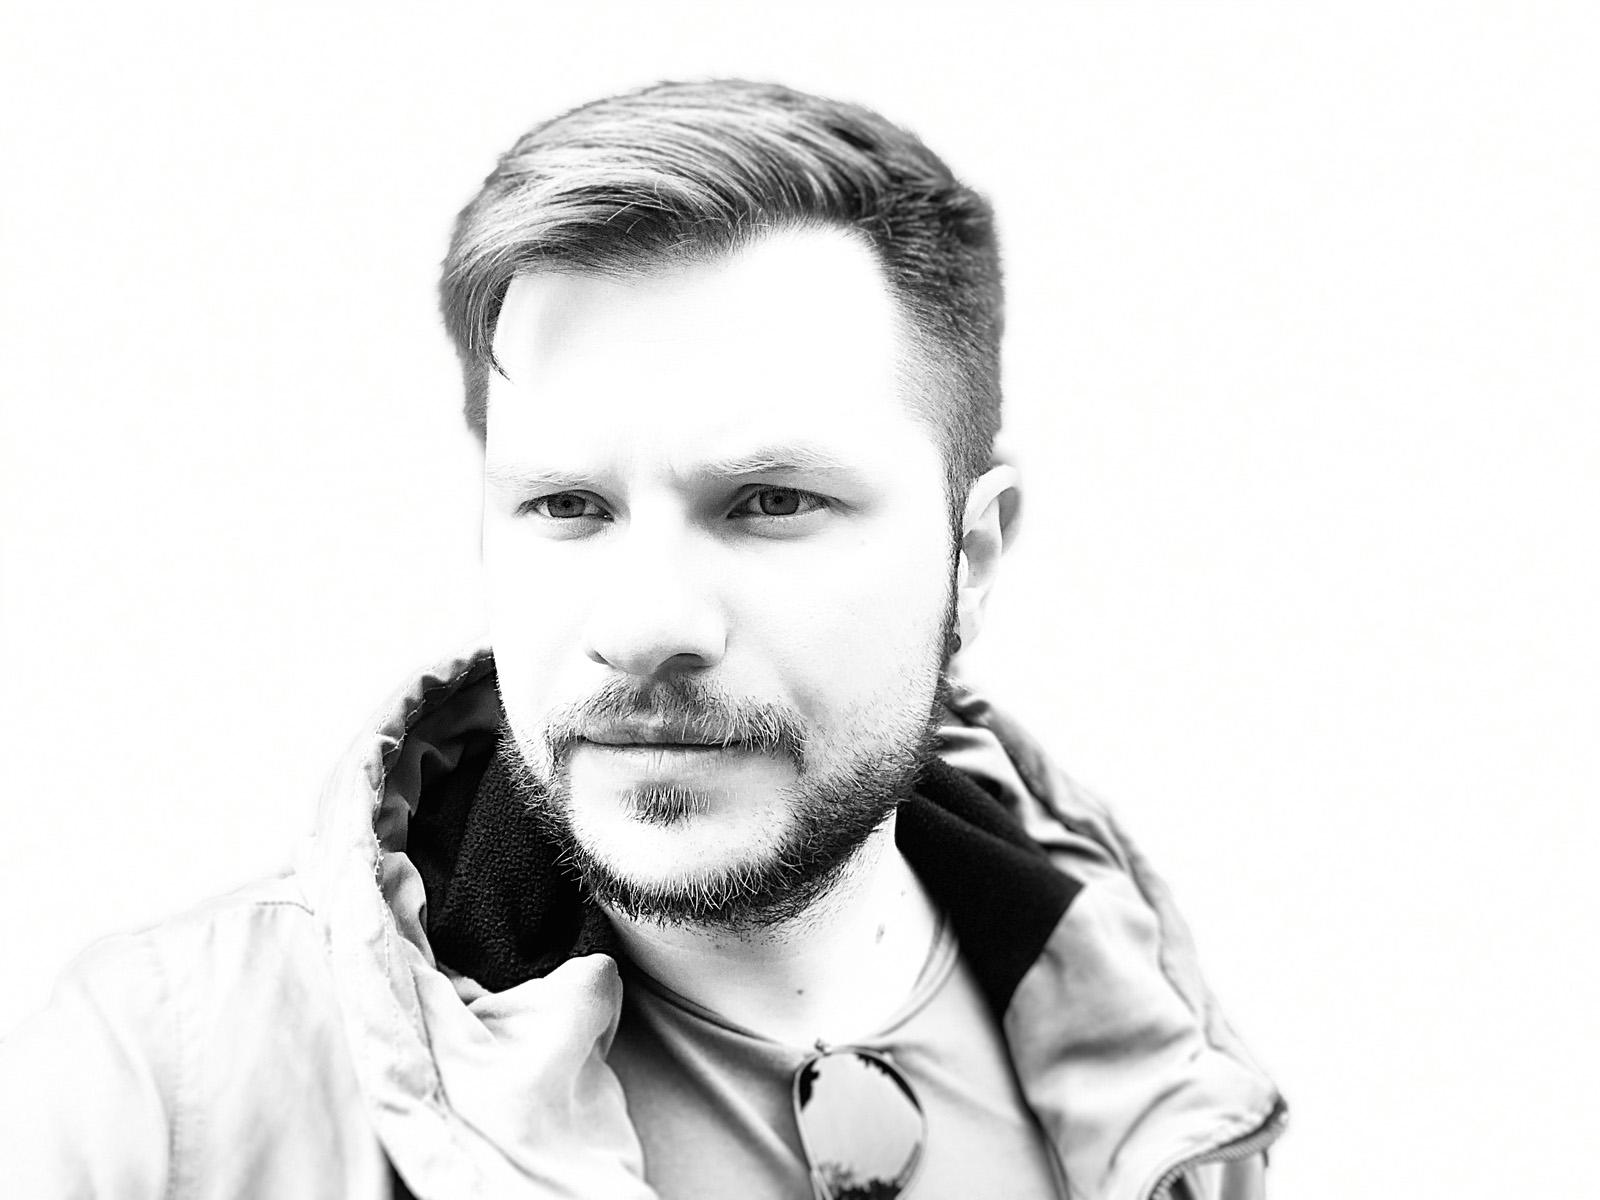 iPhone XS Max - фронтальная камера, светла тональность